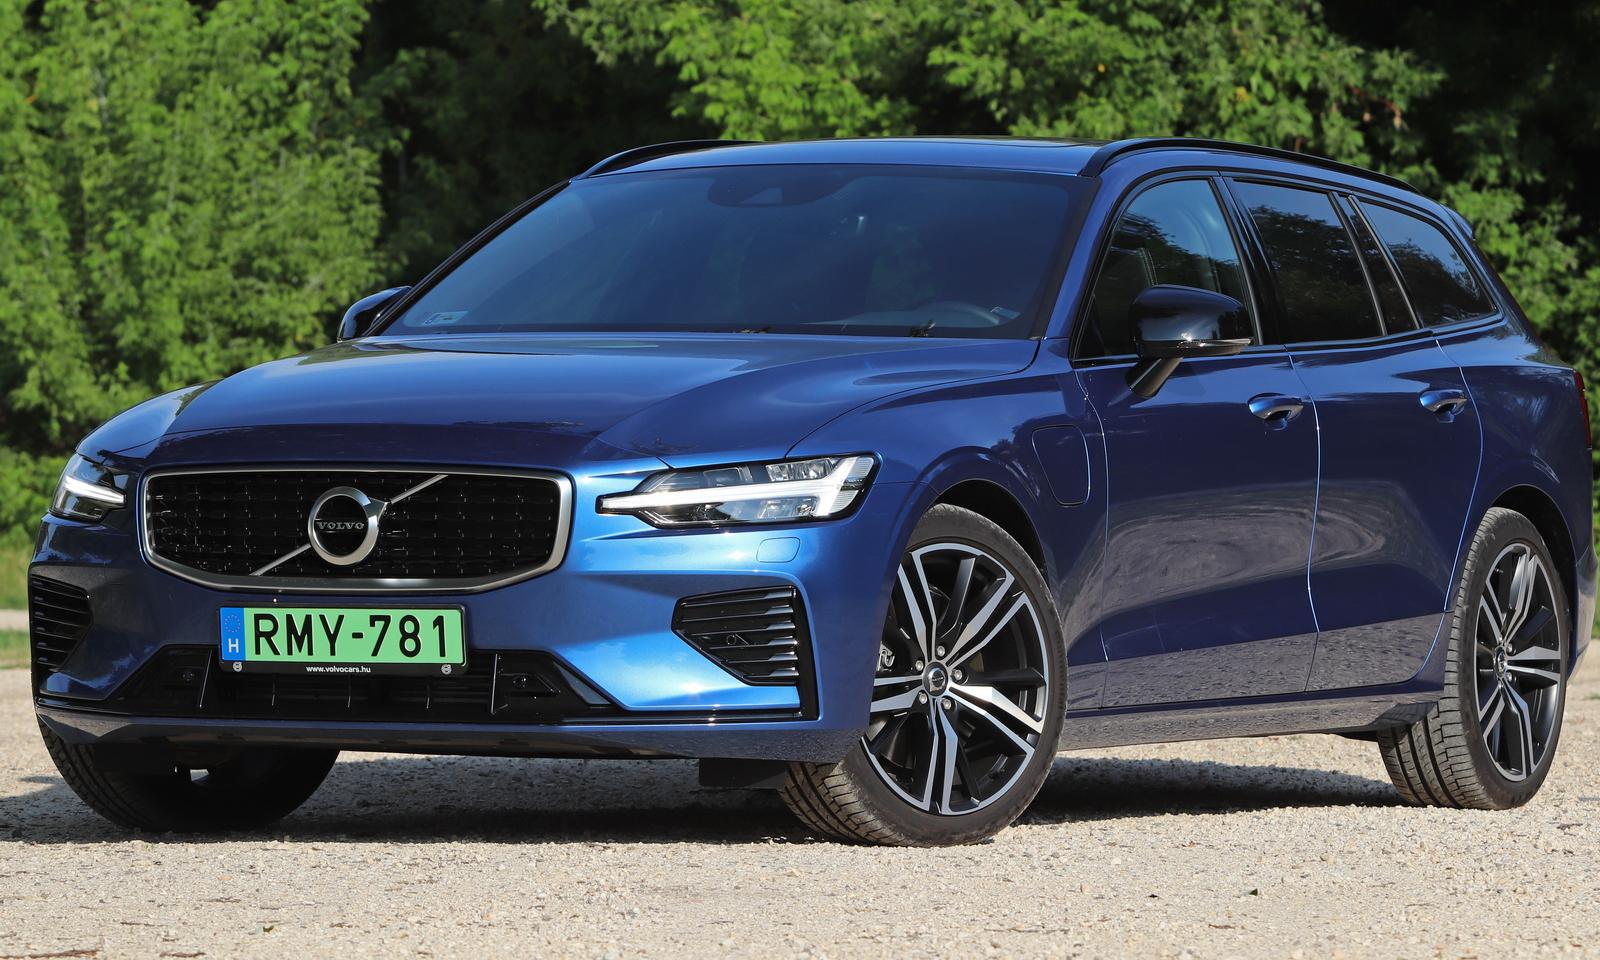 Volvo V60 T8 teszt: hibrid sportkombi - Elektromos autó ...